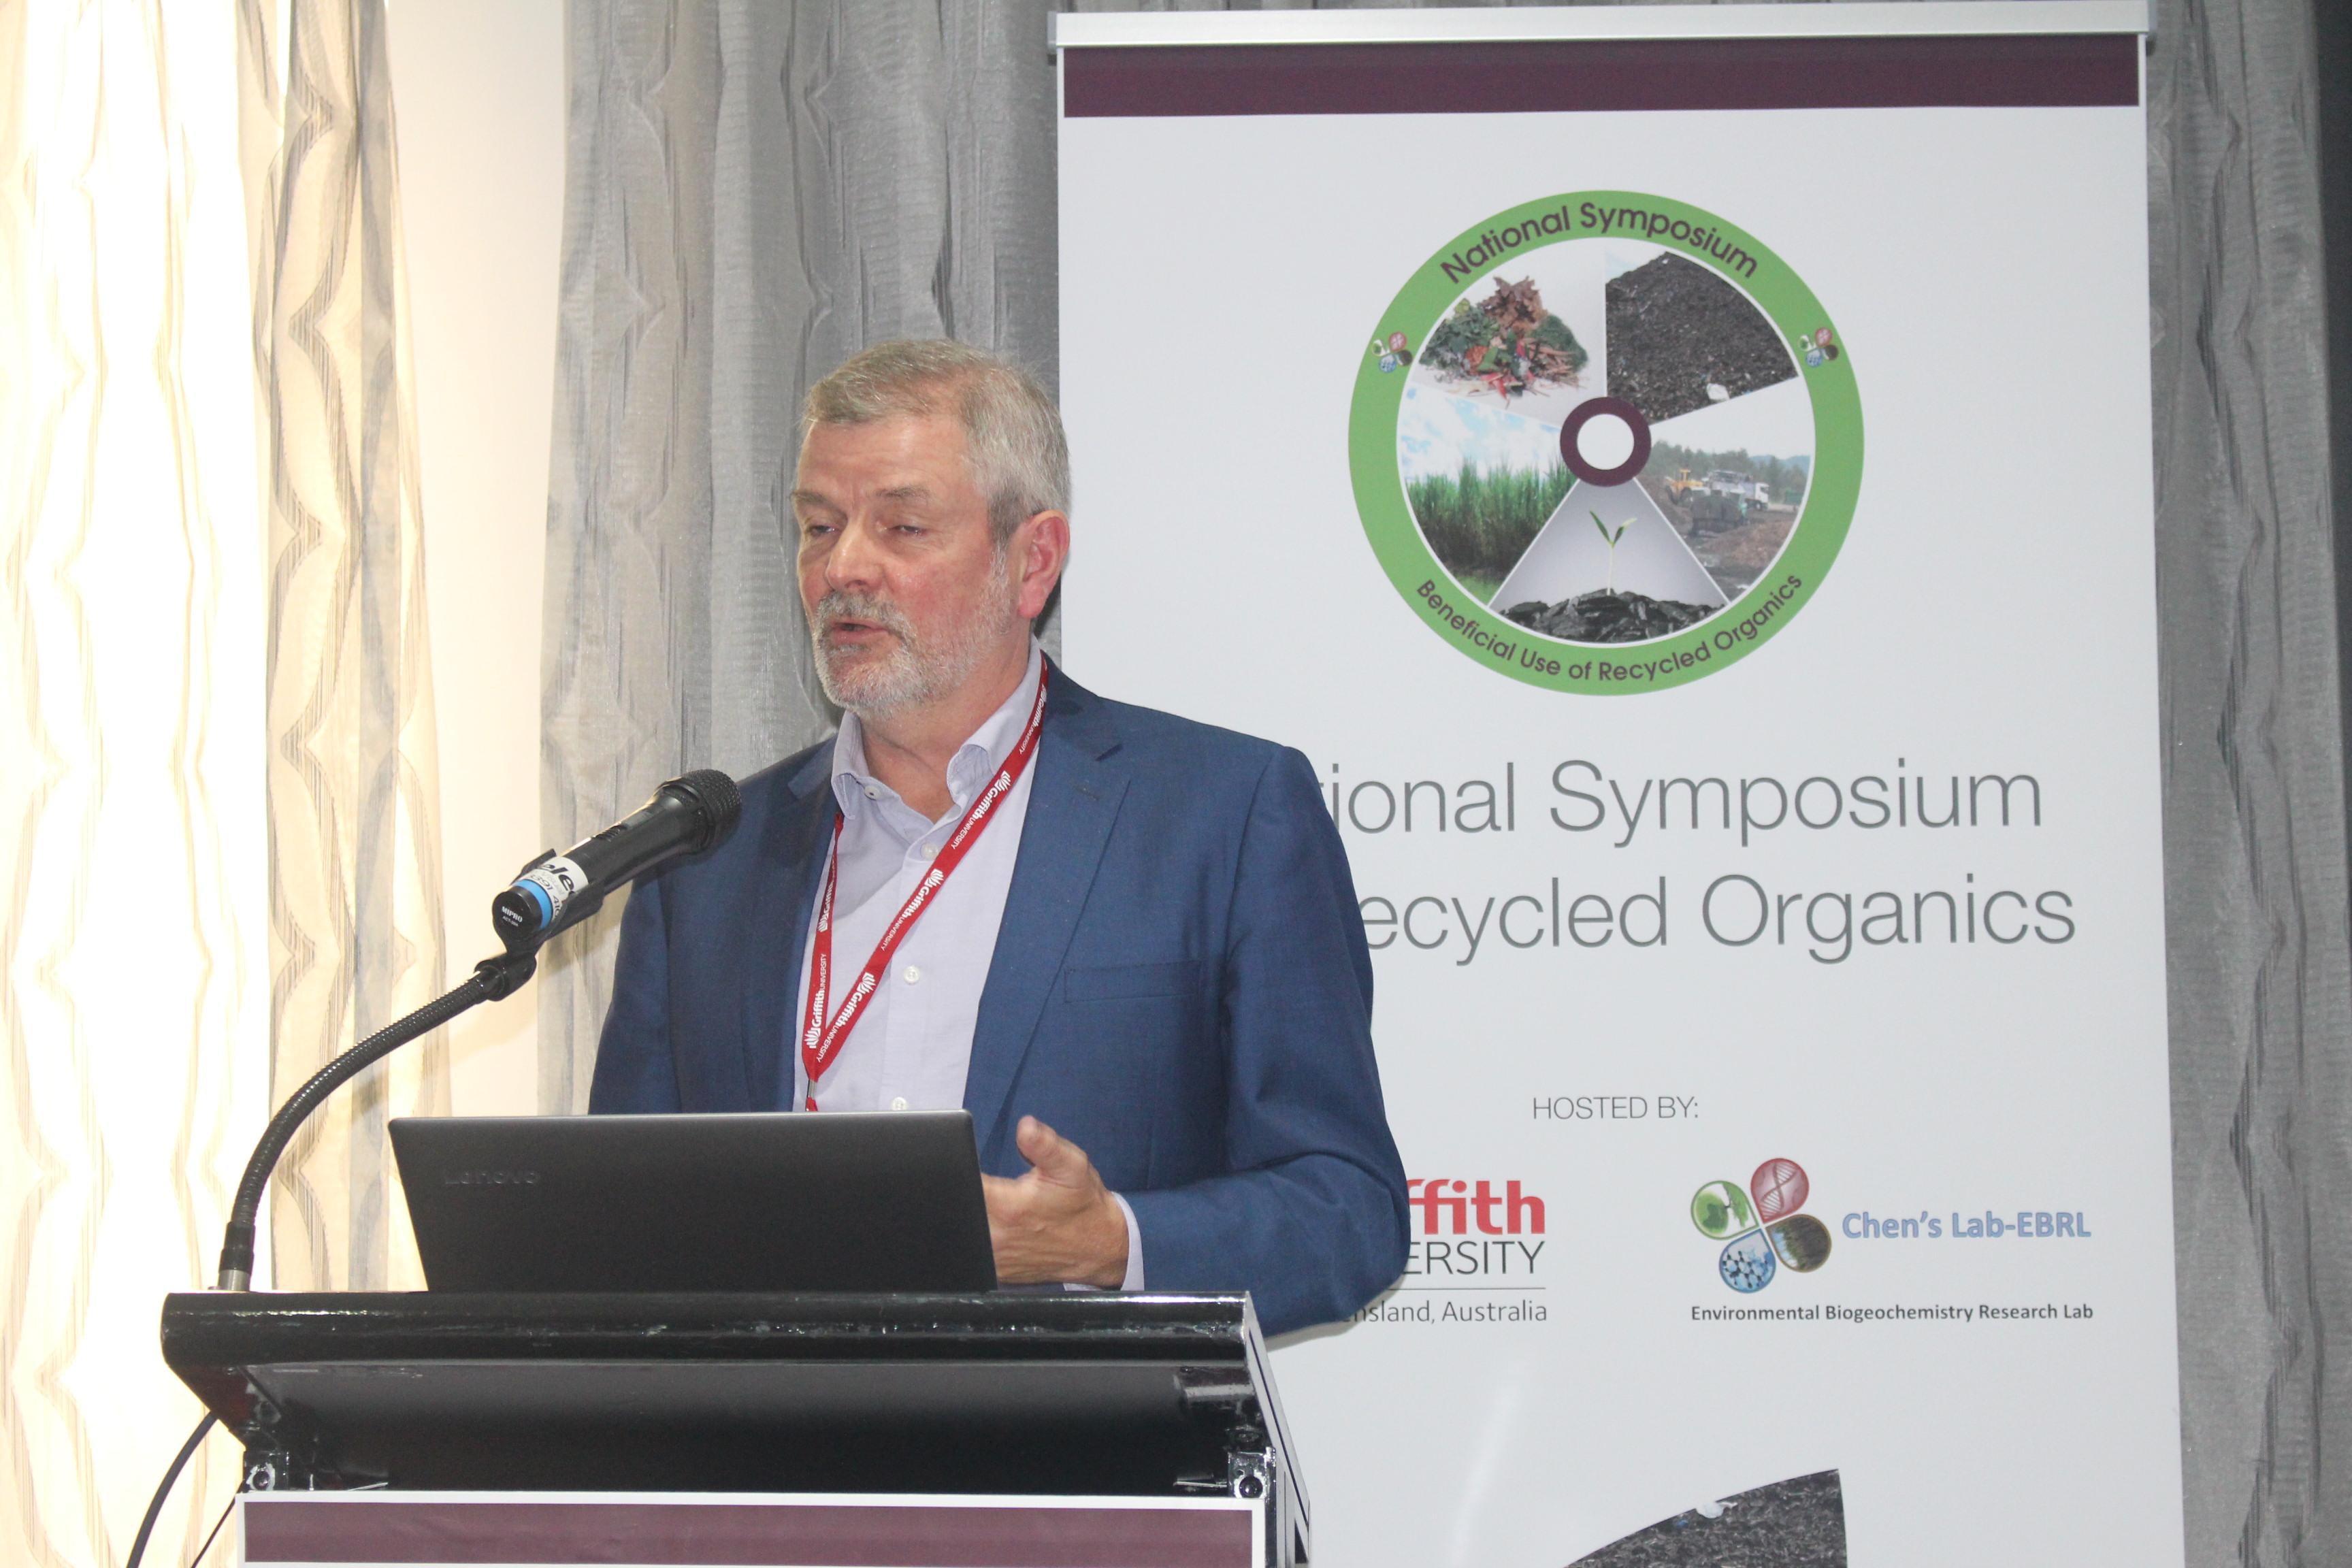 Peter Donaghy, Queensland Urban Utilities